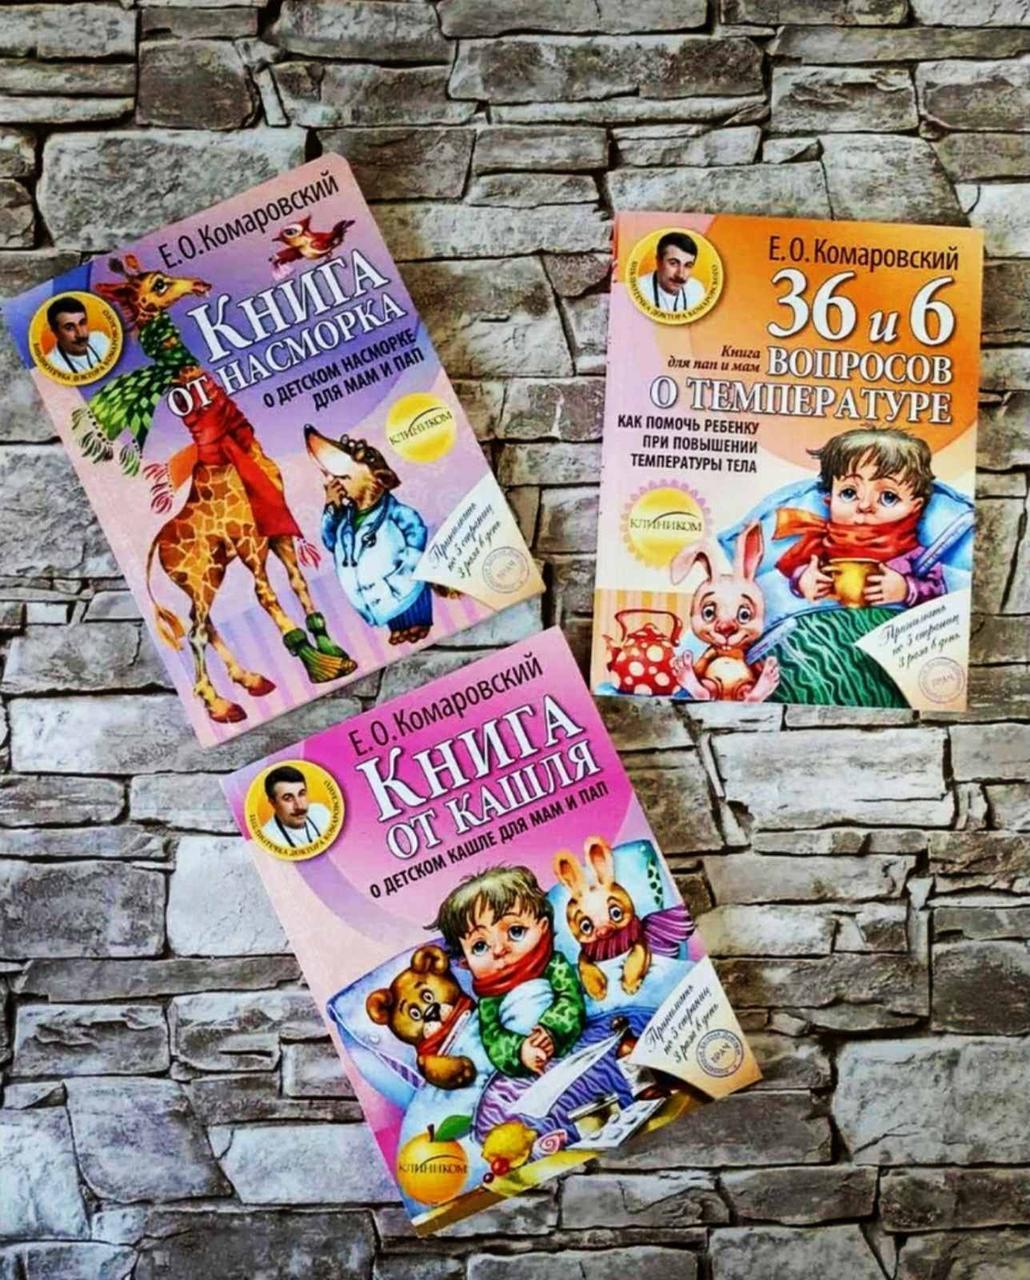 """Набор """"36 и 6 вопросов о температуре"""", """"Книга от кашля: о детском кашле"""", """"Книга от насморка"""" Е.О. Комаровский"""